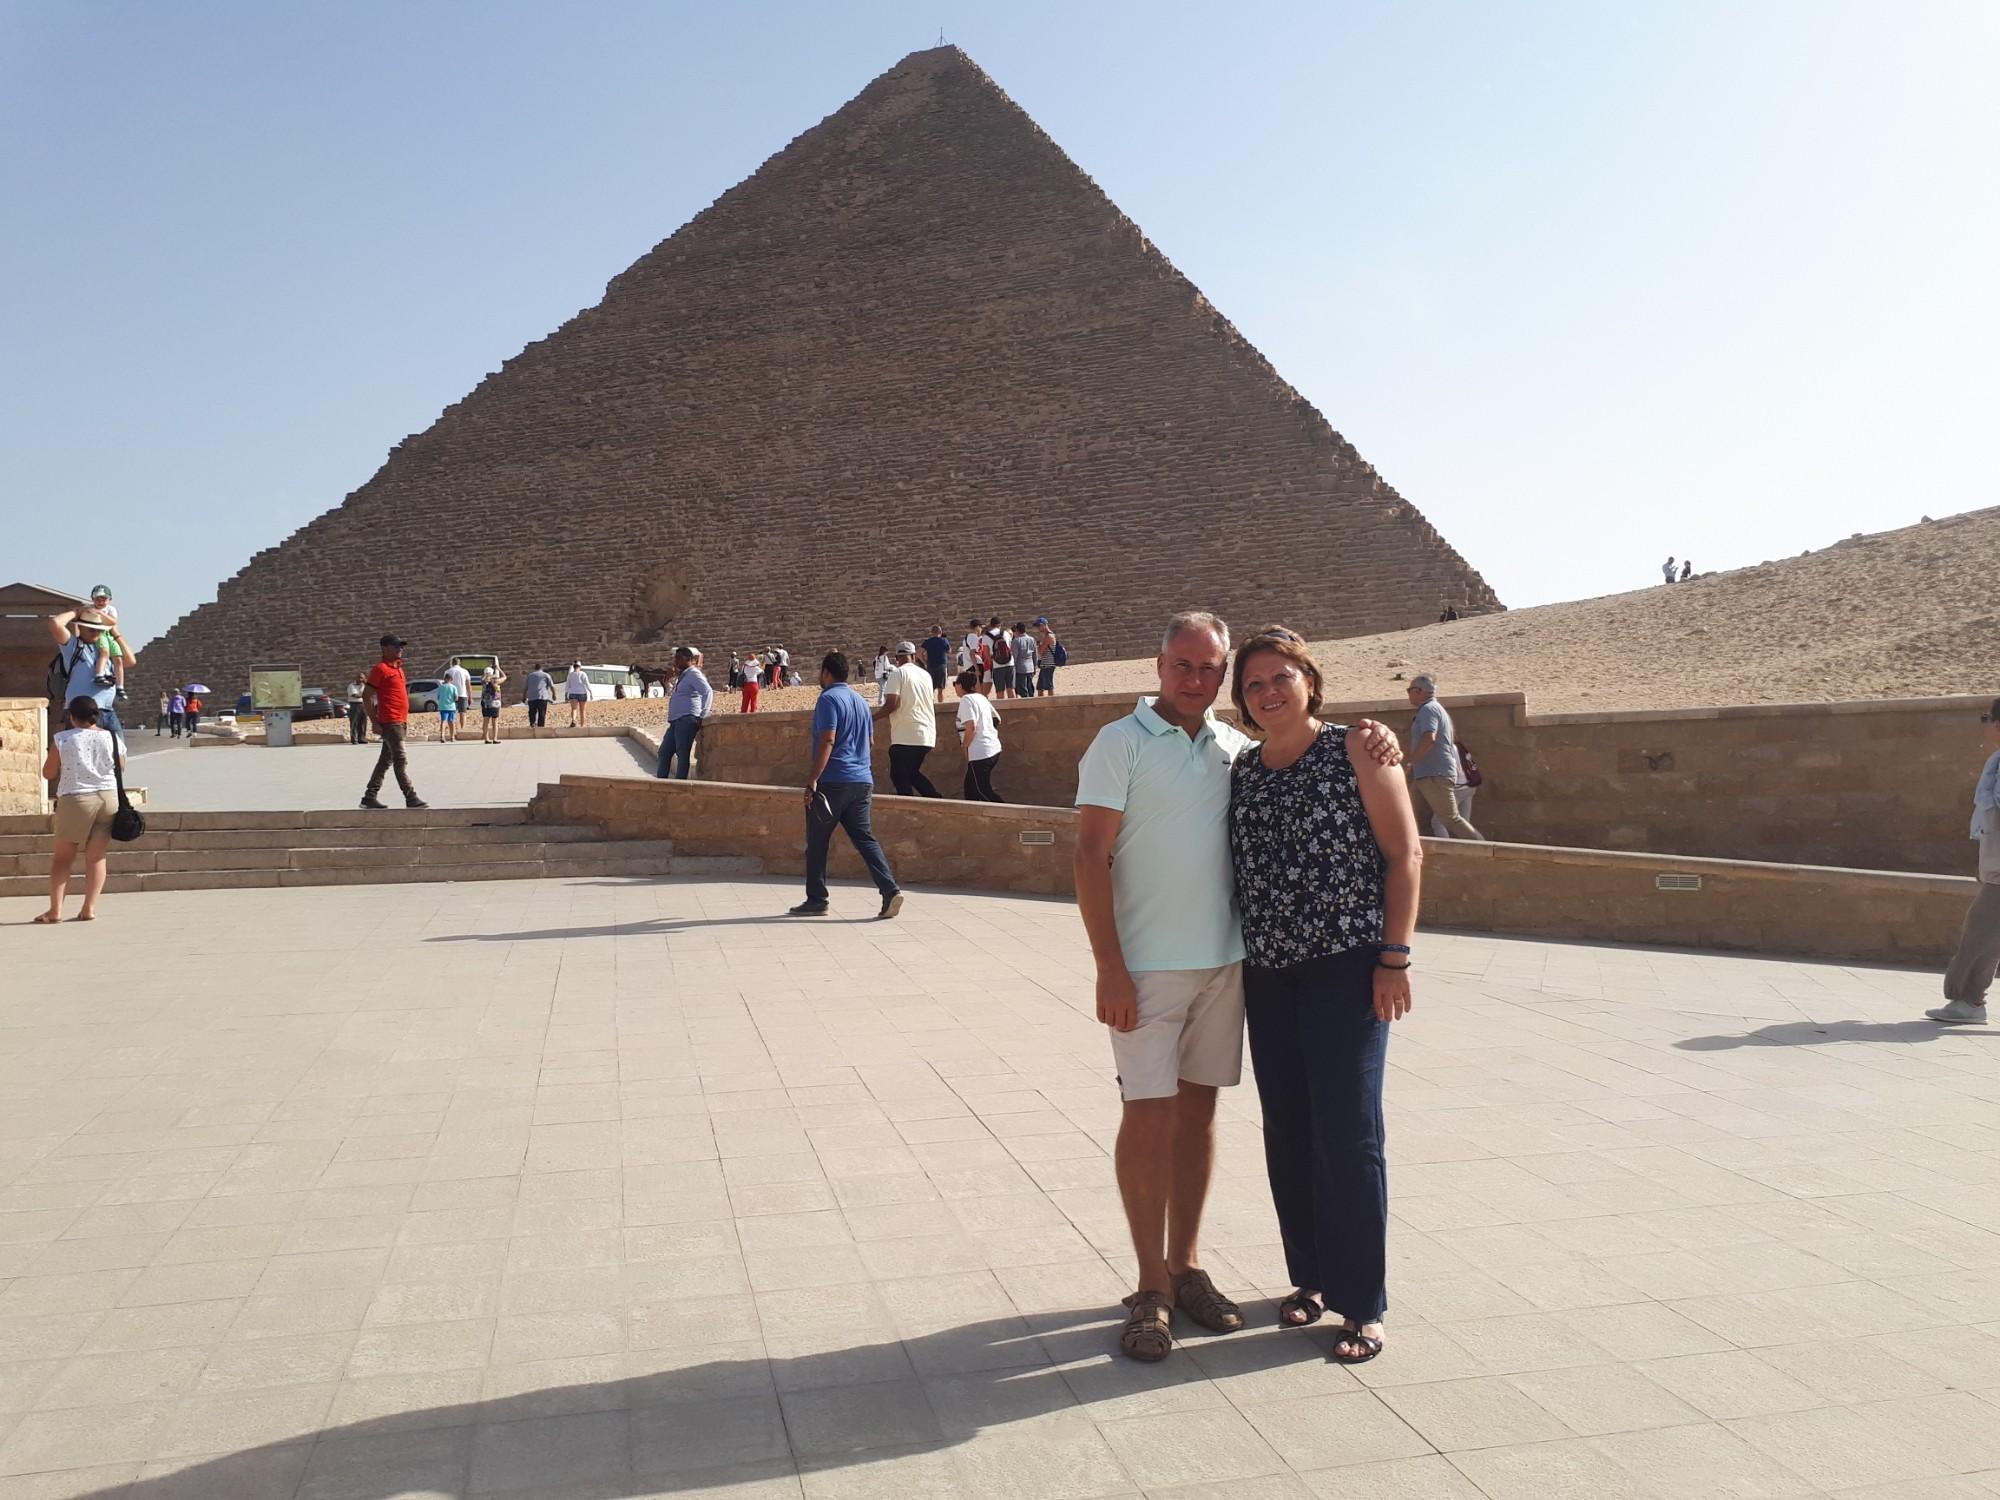 новости в египте картинки есть остановка